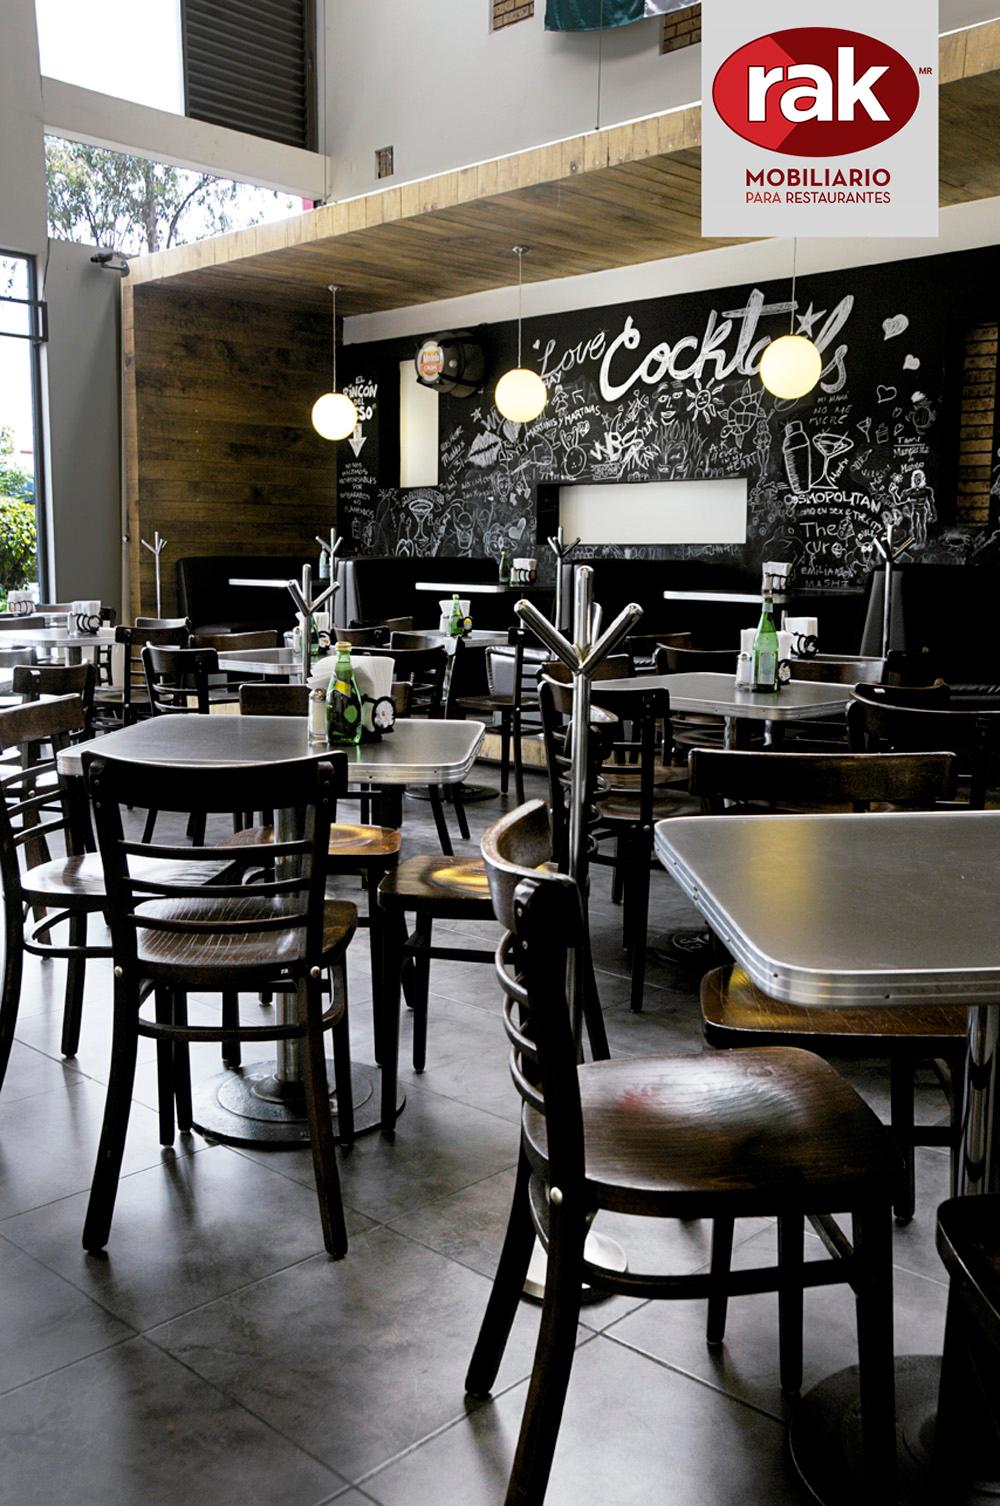 Rak mobiliario para restaurantes y cafeterias - Sillas para cafeterias ...